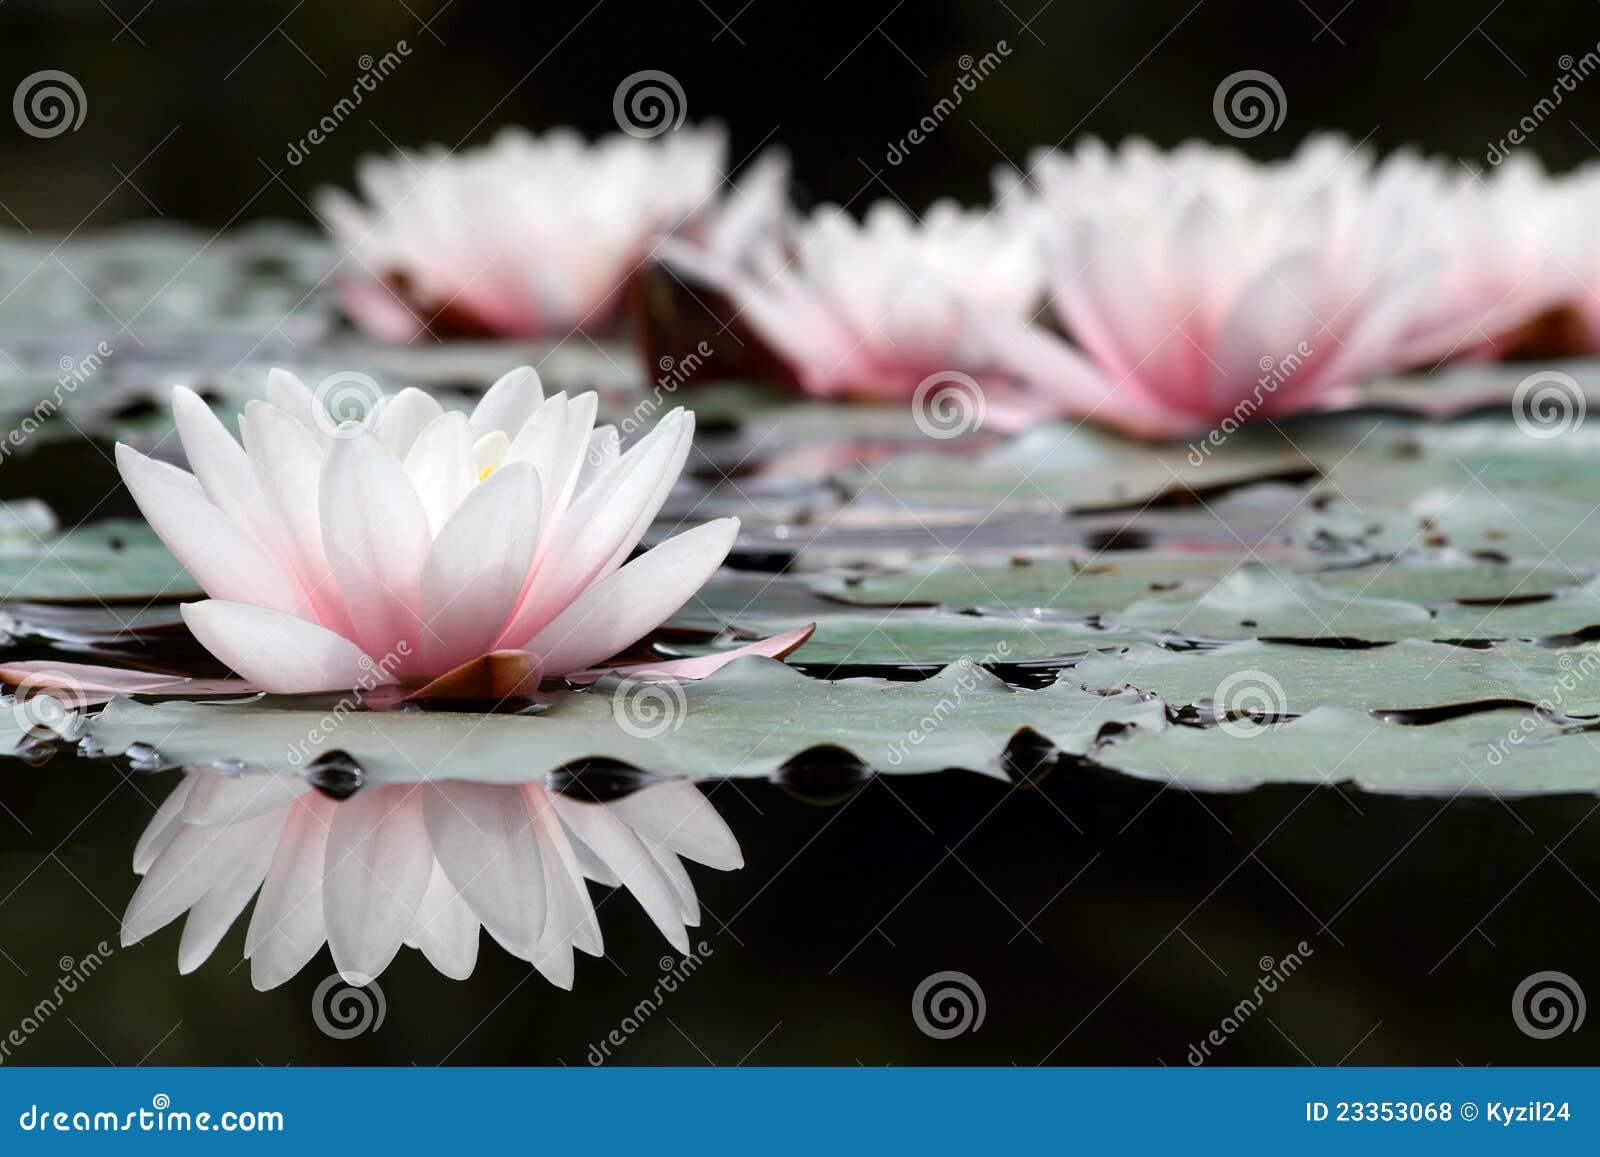 Blumen des weißen Lotos